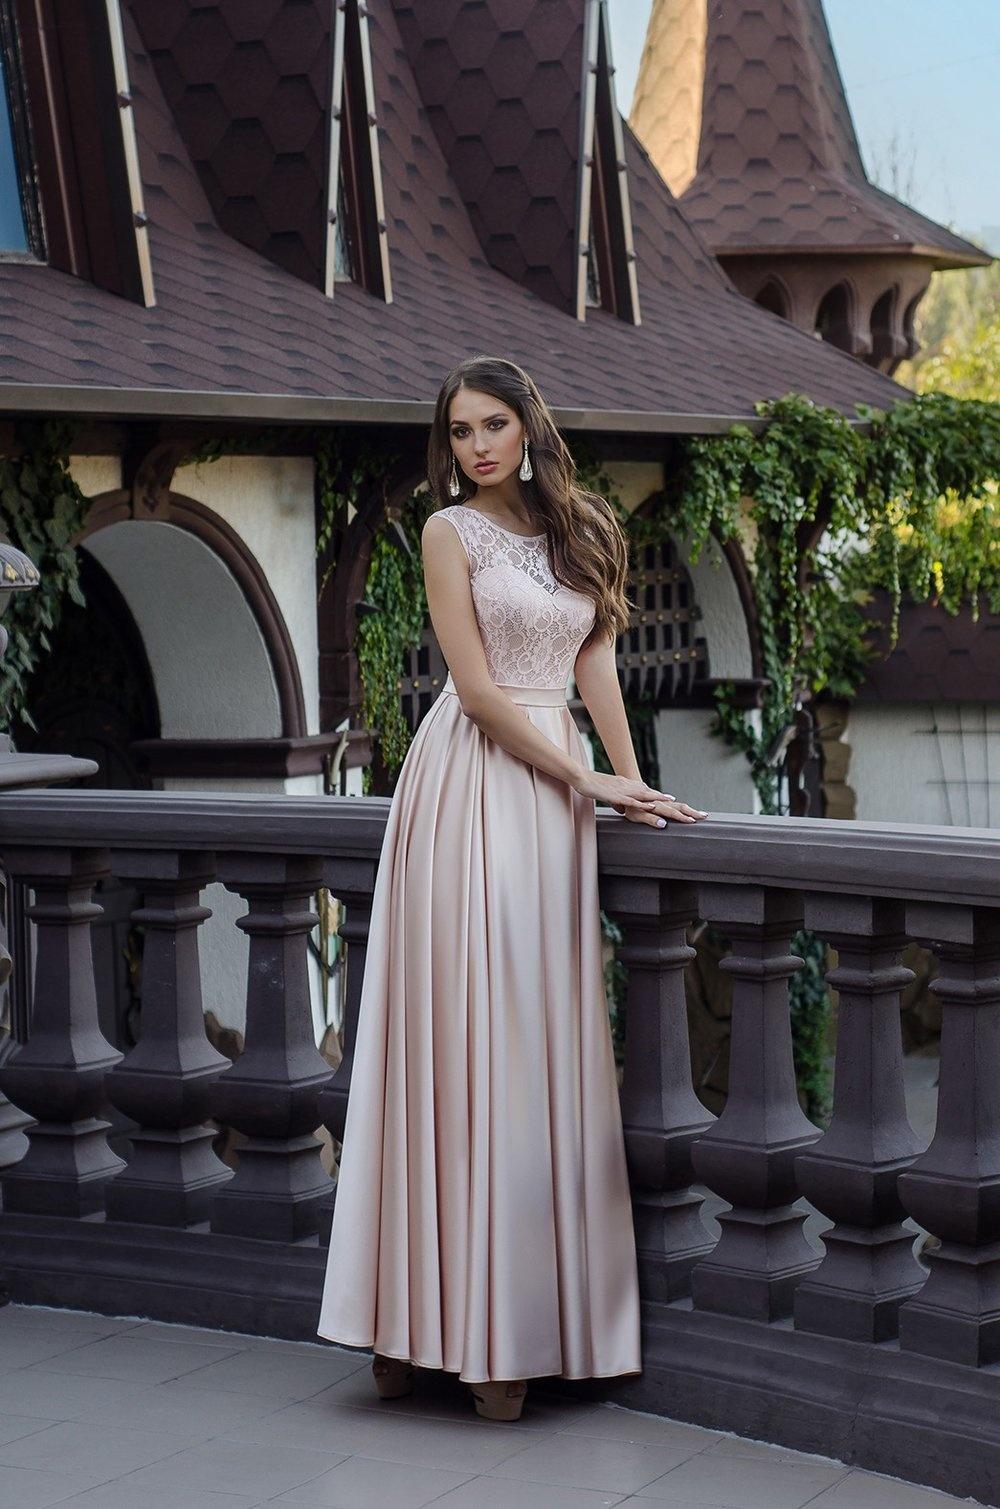 Вечерние платья с гипюровым верхом